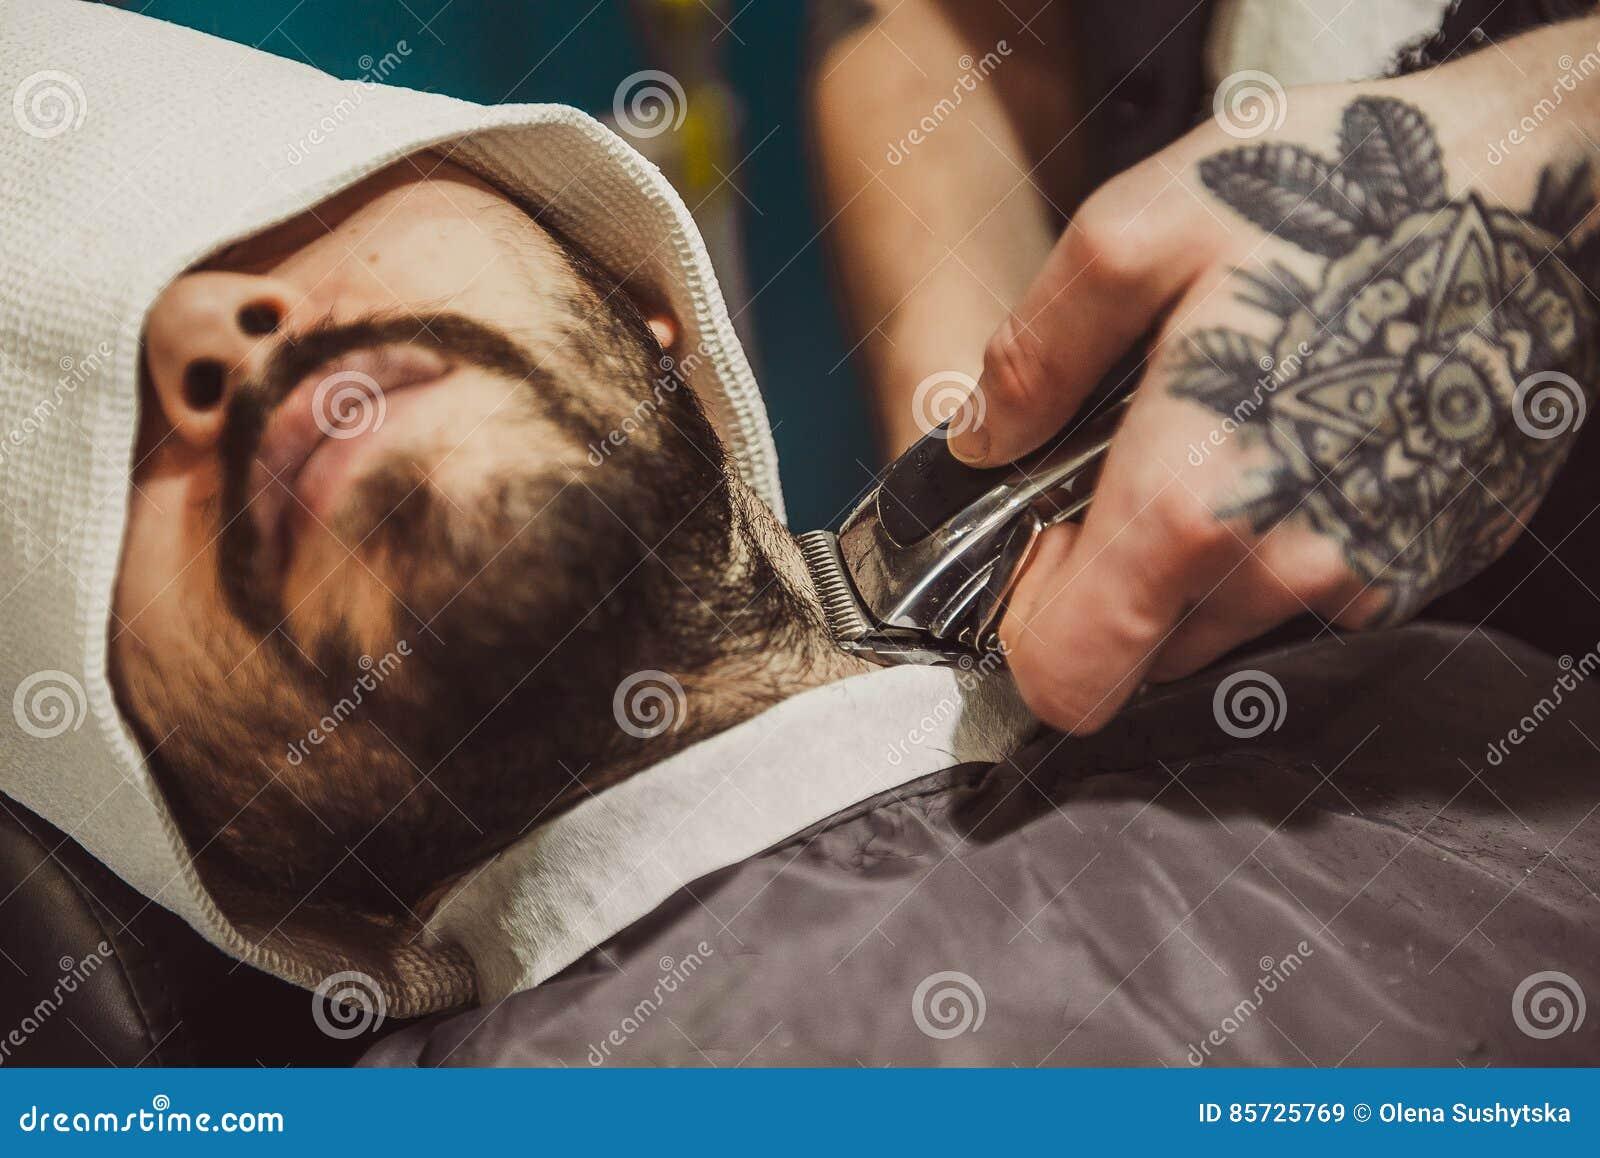 Equipe a rapagem de sua barba no cabeleireiro profissional